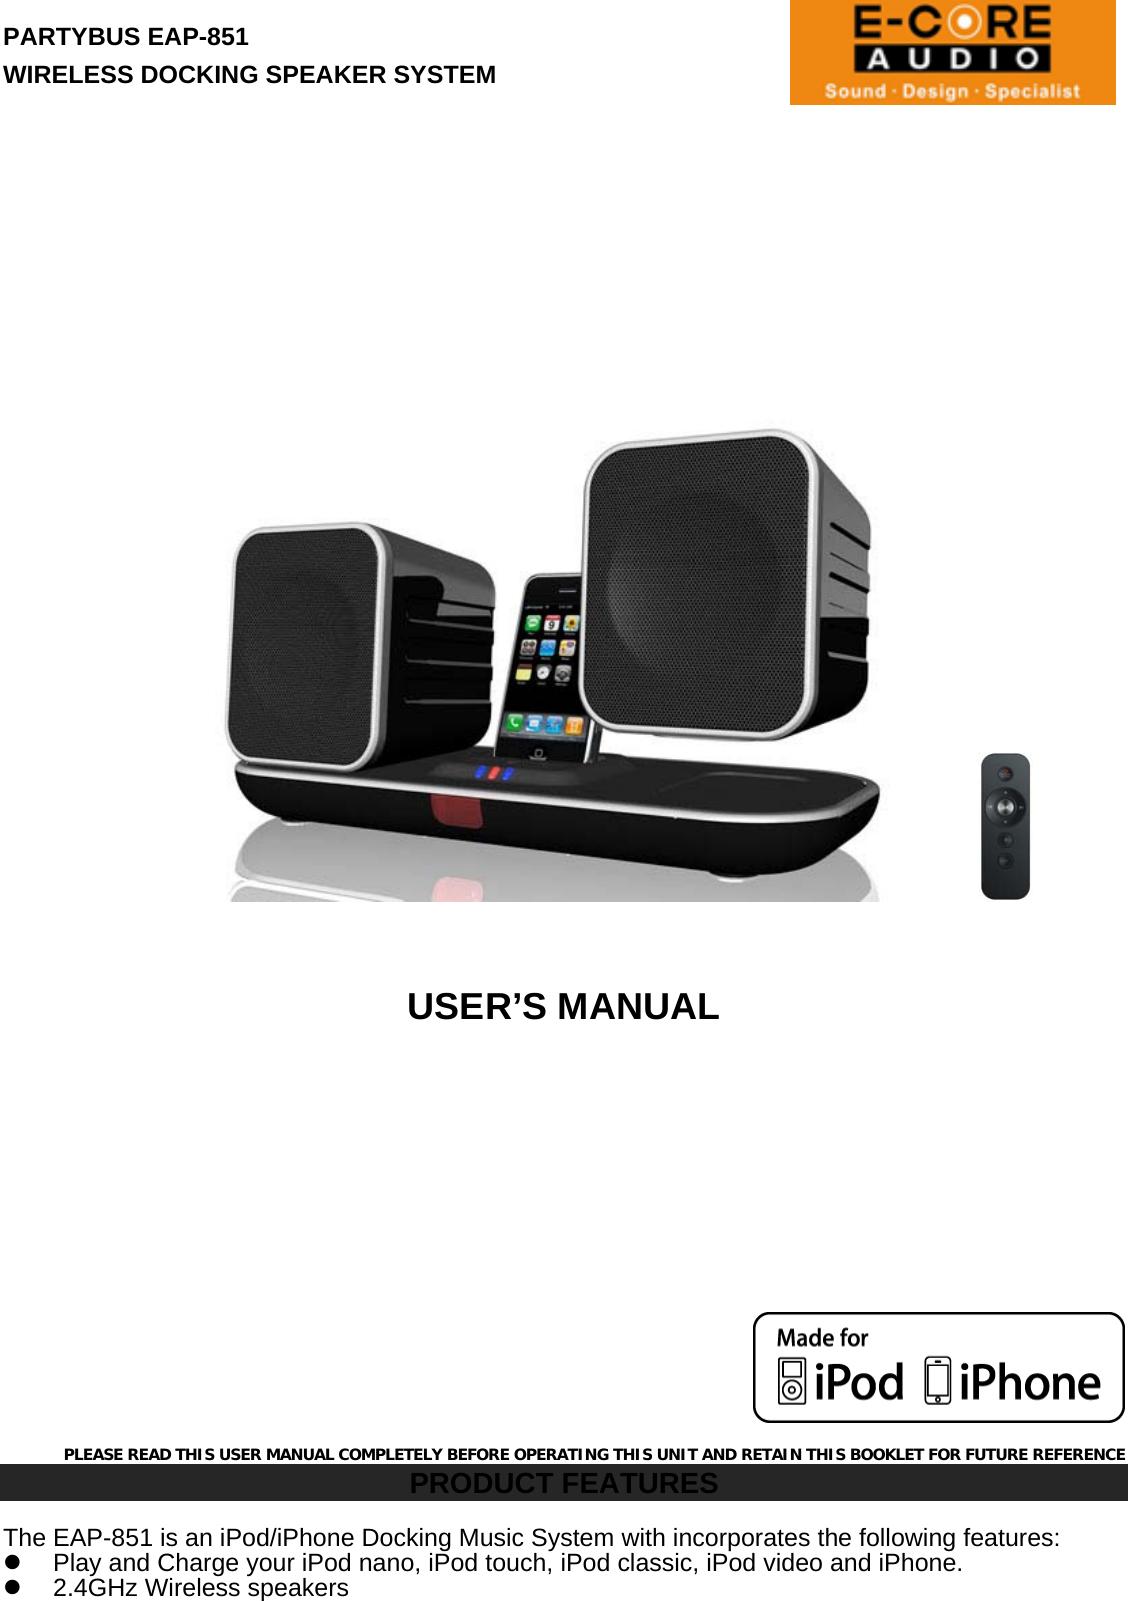 E core audio siweap851a wireless docking speaker system user manual e core audio siweap851a wireless docking speaker system user manual eap 850 publicscrutiny Choice Image